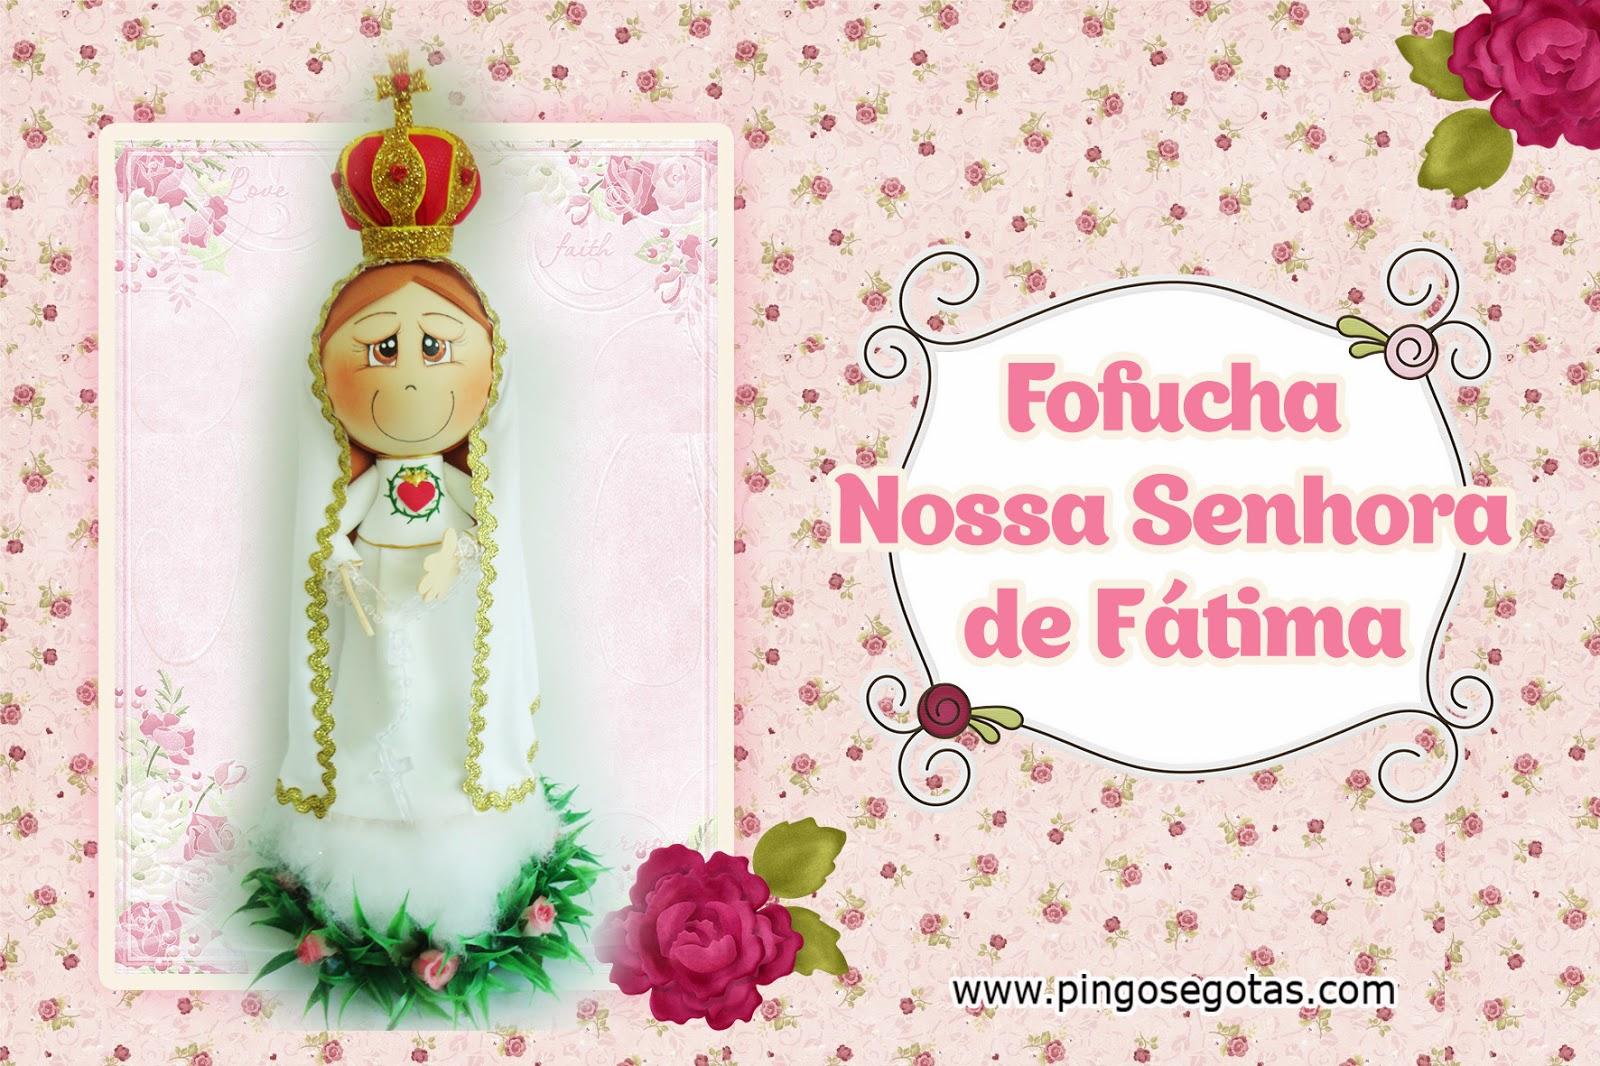 Fofucha Nossa Senhora de Fátima